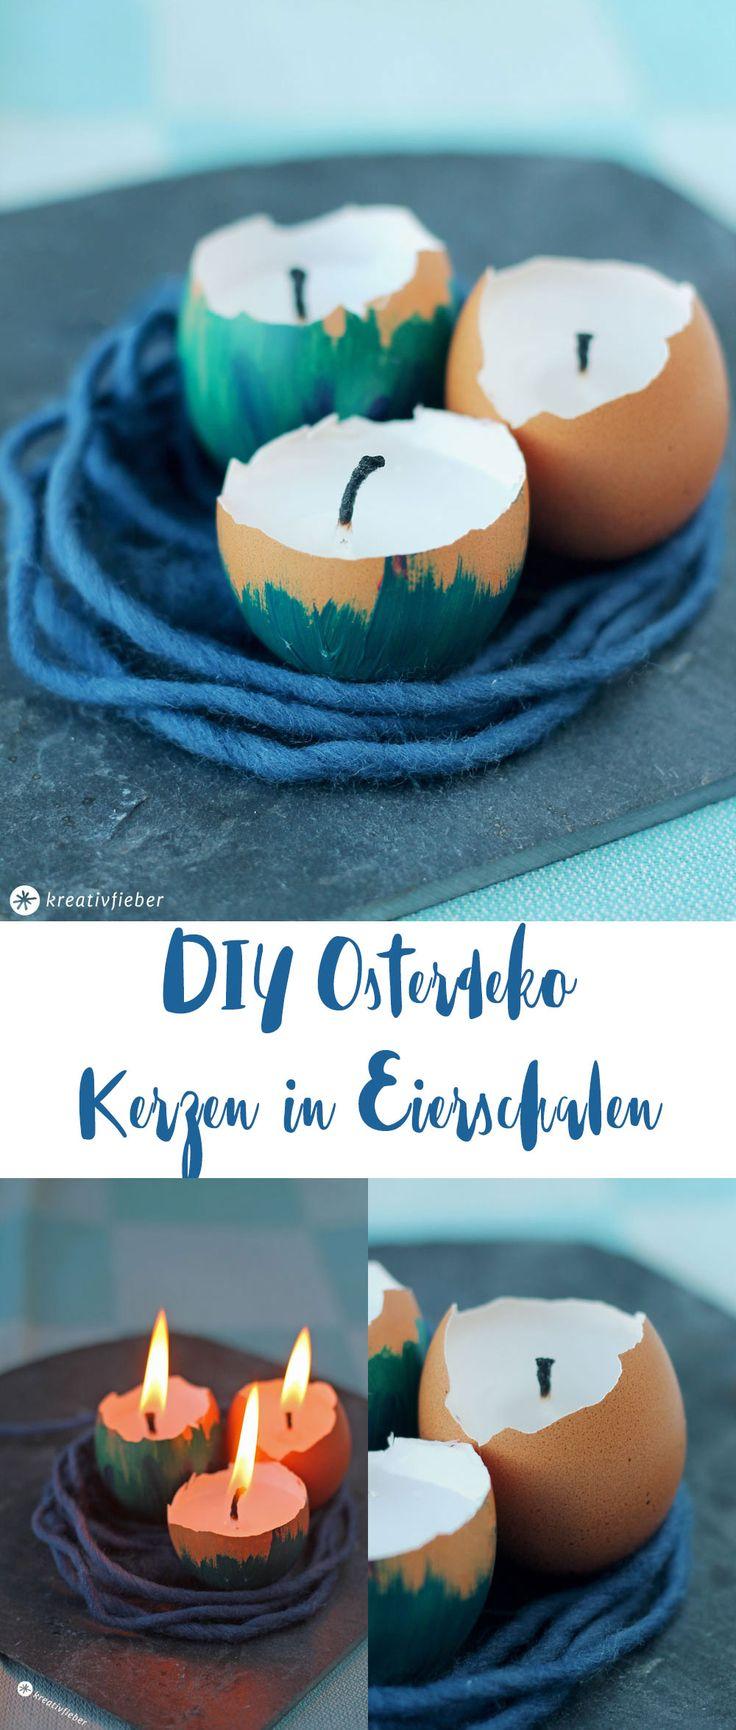 Schon DIY Osterdeko Kerzen In Eierschalen Selbermachen Simple Idee Für Die  Ostertischdeko Zum Selbermachen